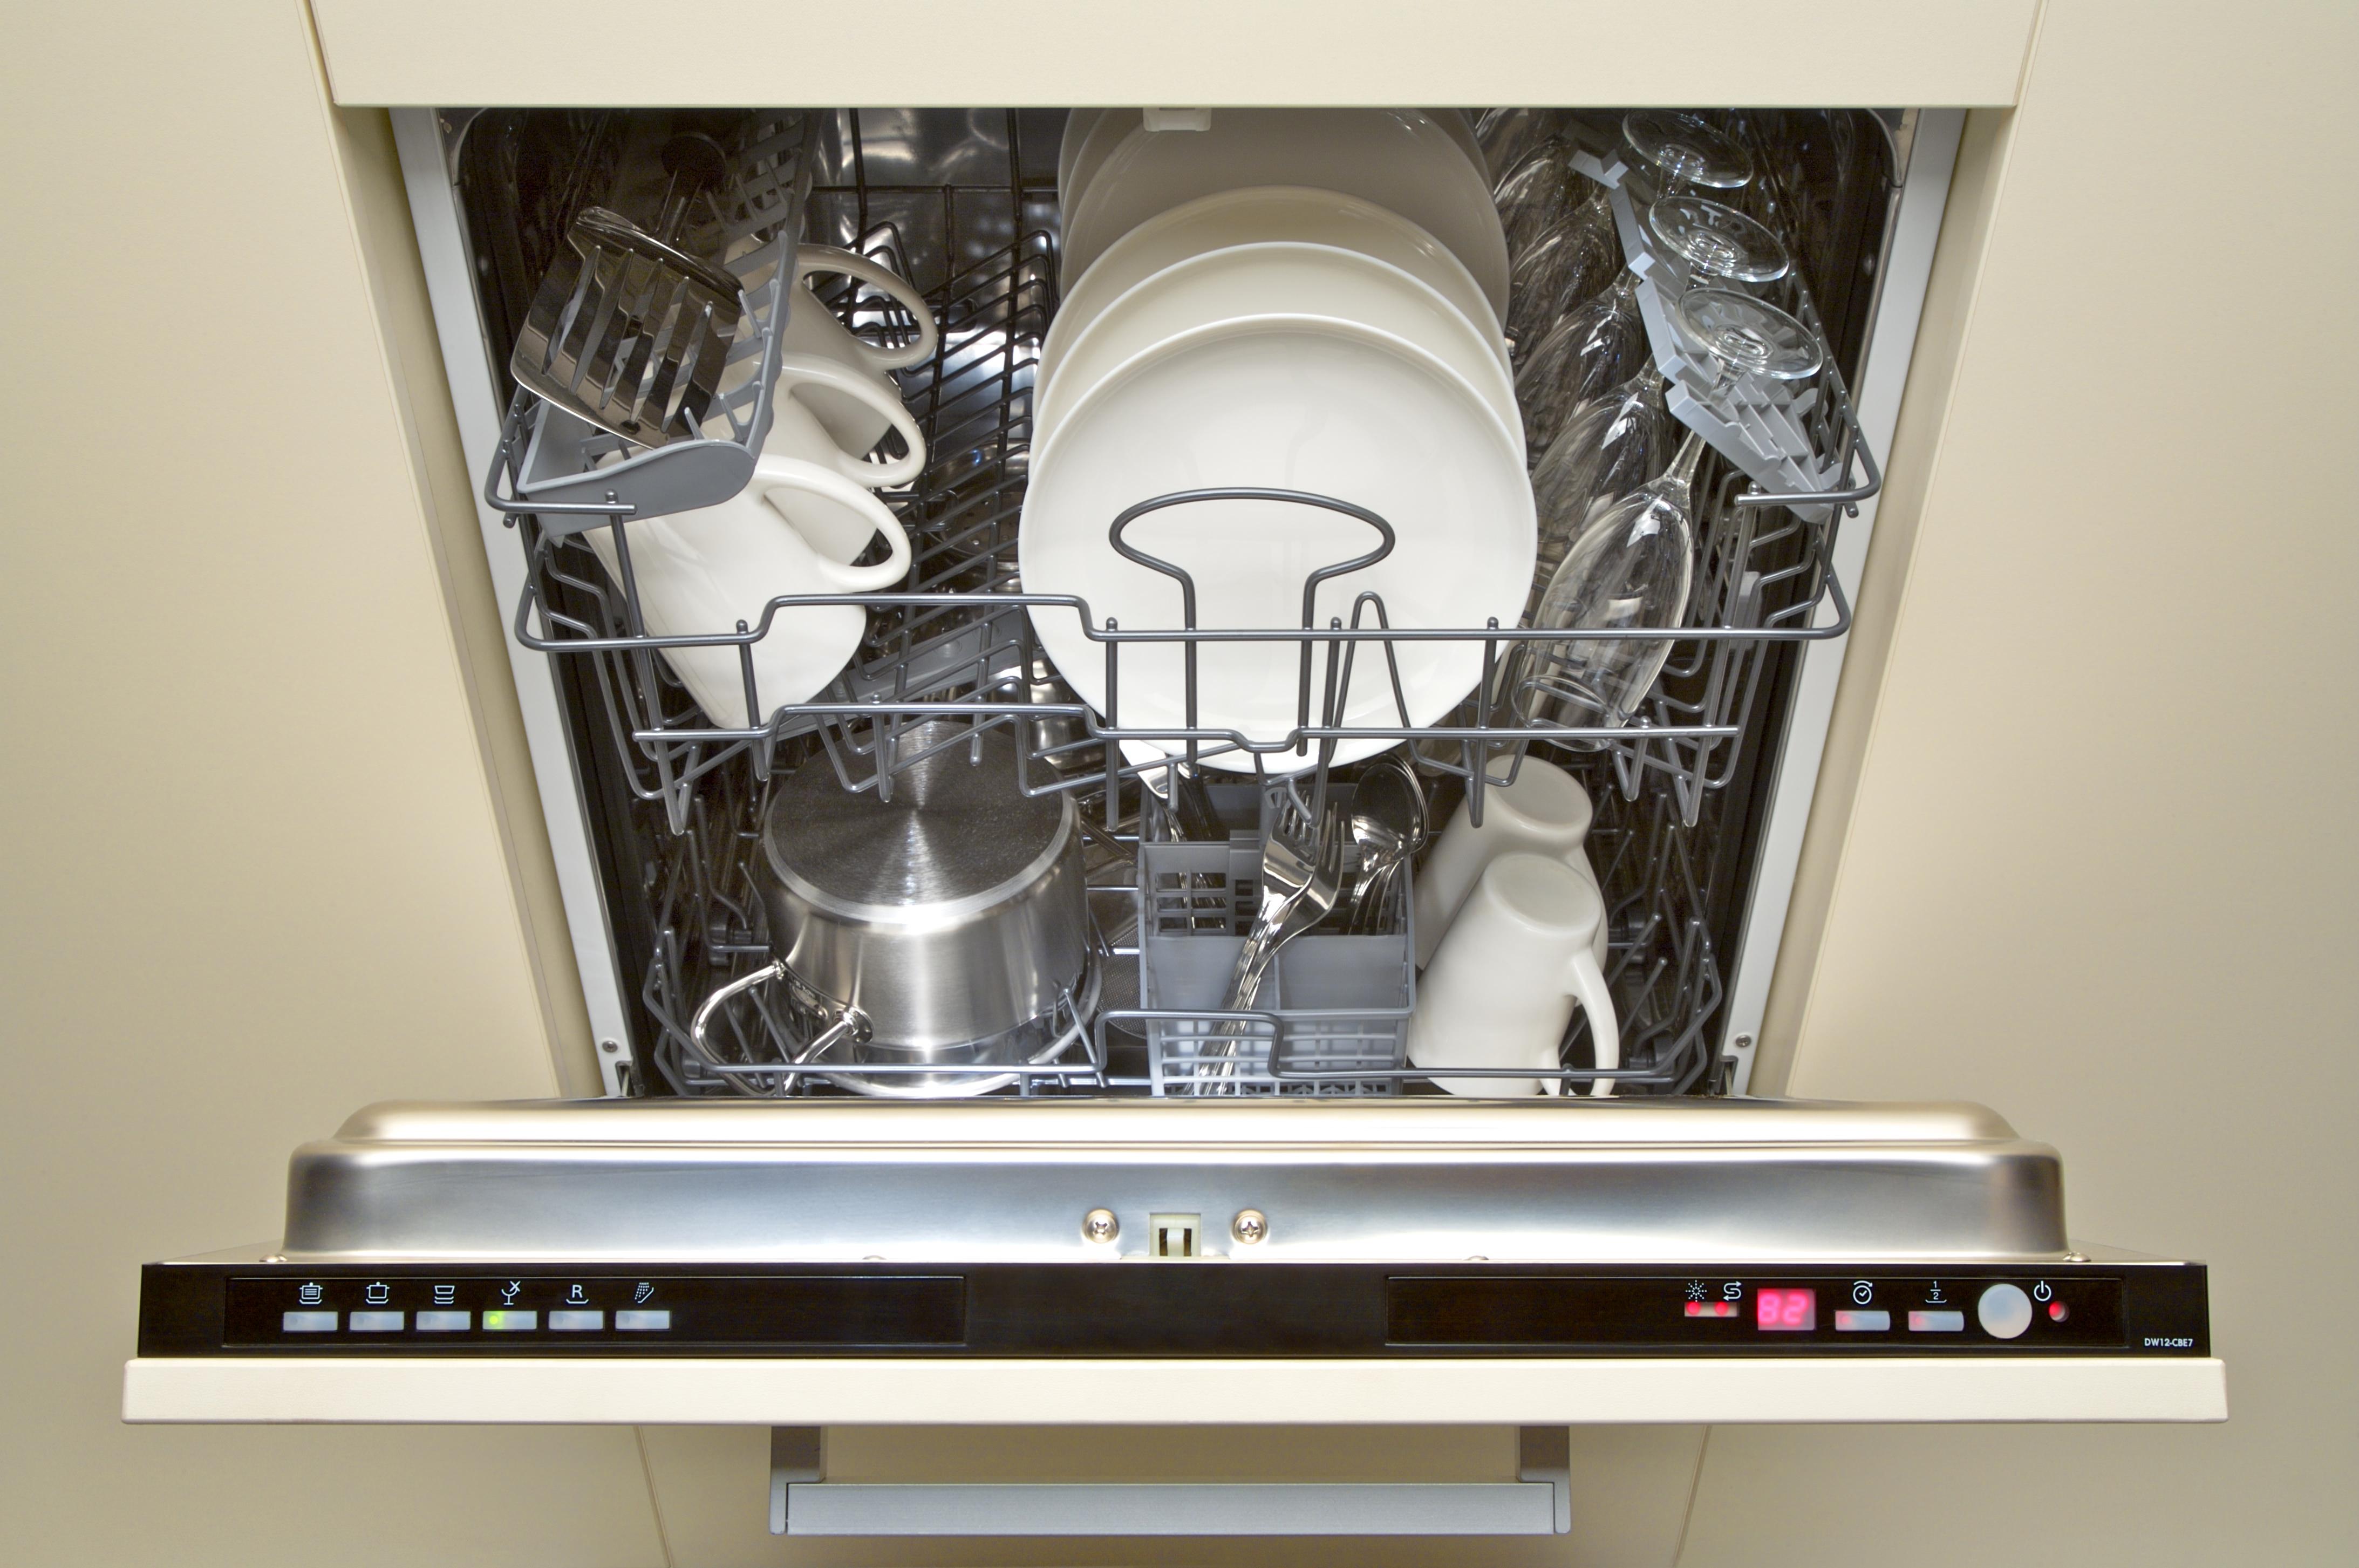 Посудомоечная машина flavia bi 45 delia: отзывы и обзор